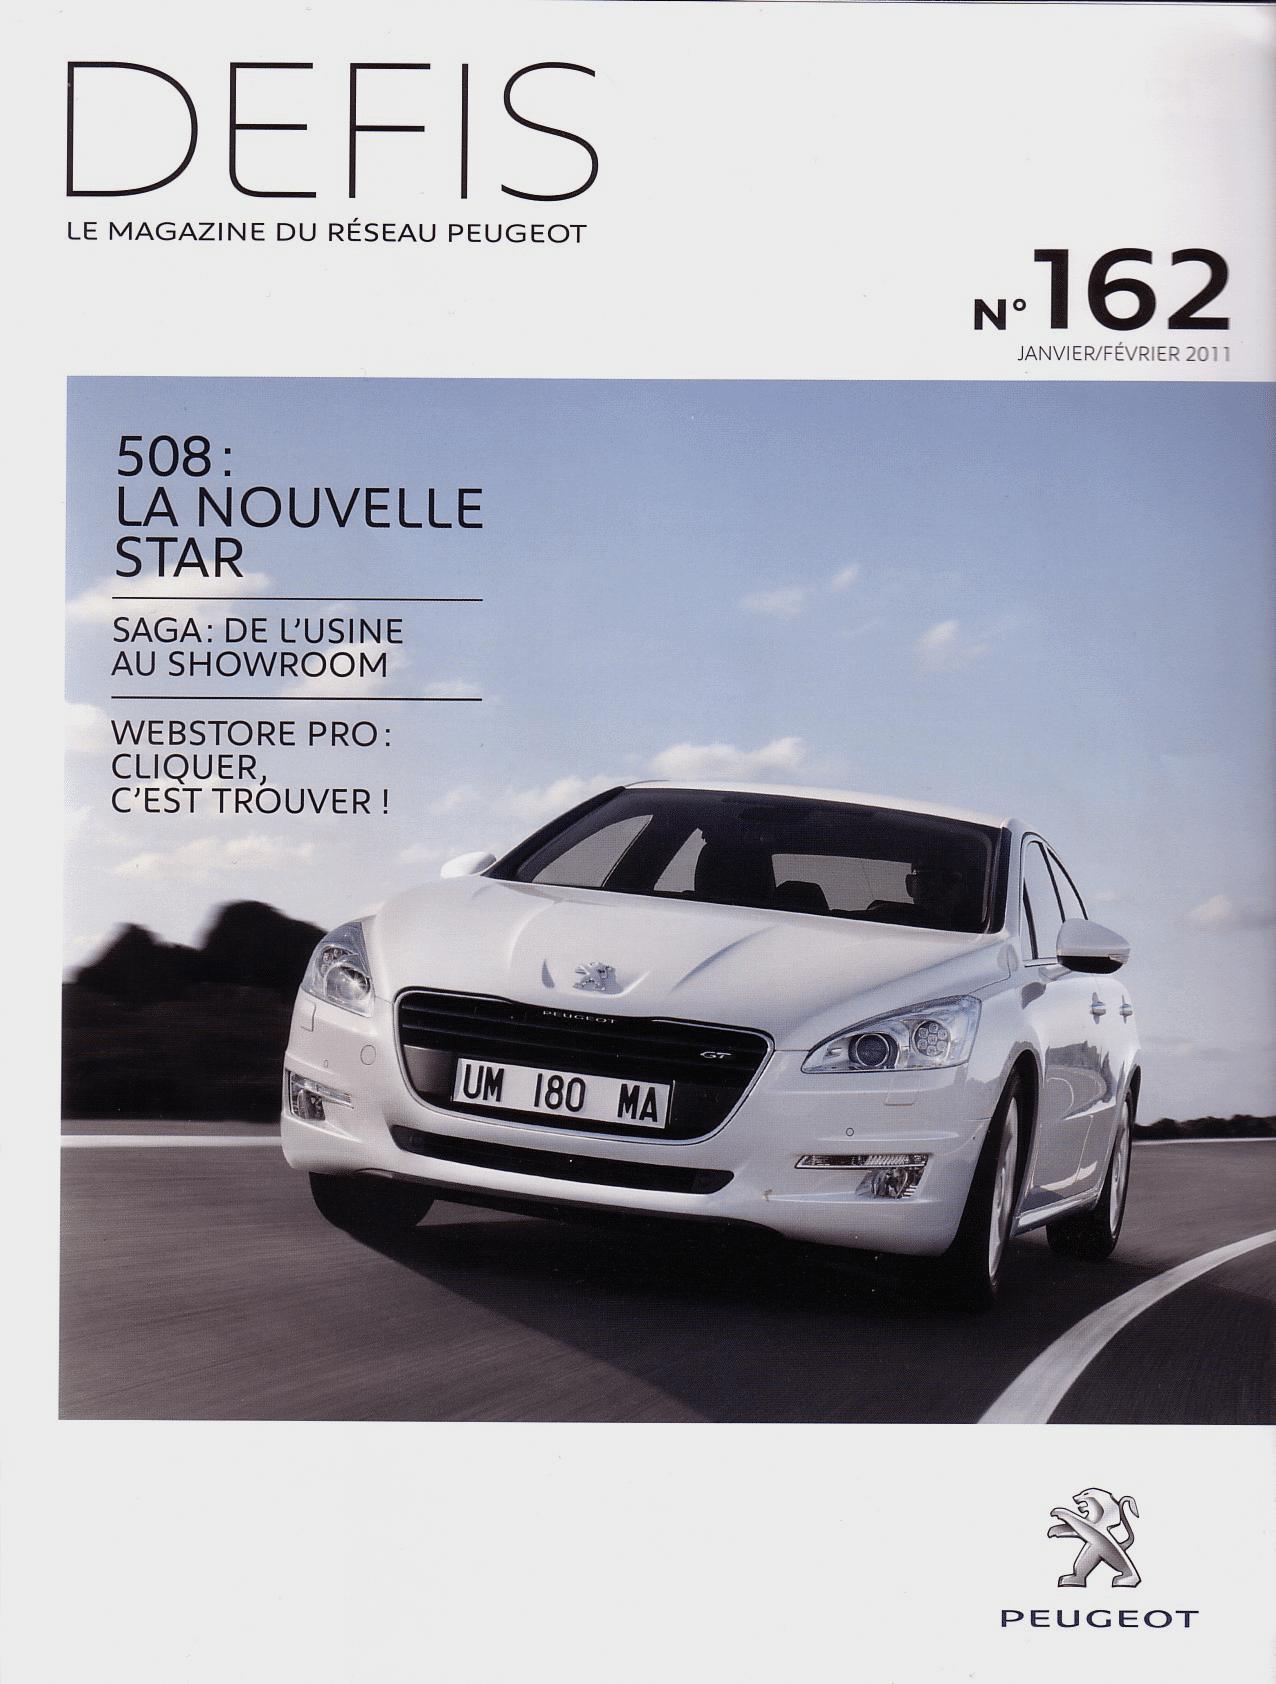 Typographies d'identité Peugeot. Applications des typographies. Magazine Défis. Le magazine du réseau Peugeot.